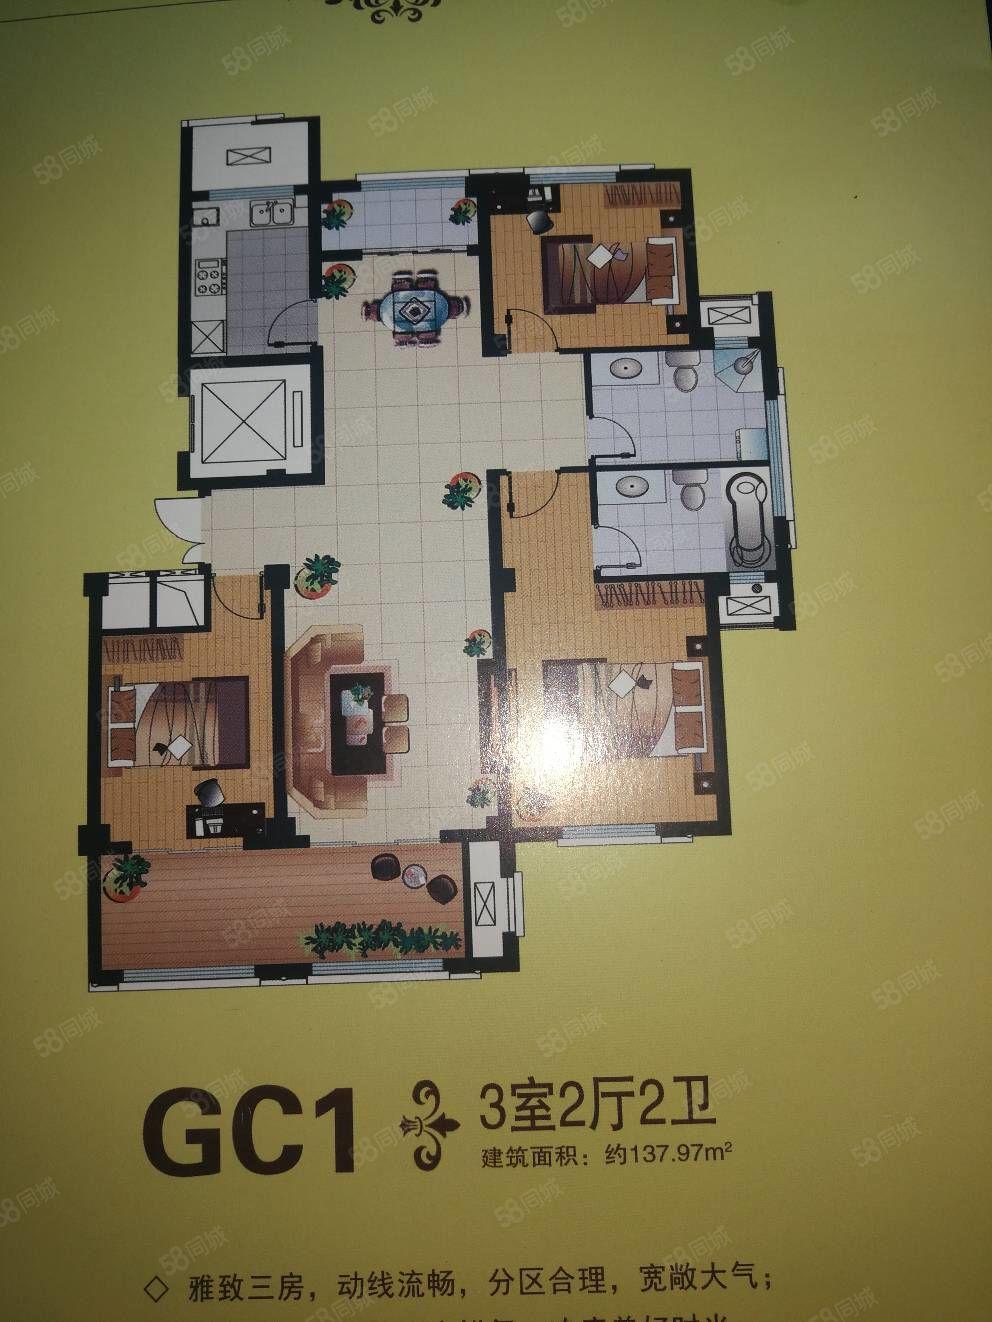 瑞海家園更名有鑰匙三室二衛雙陽臺。南北通透